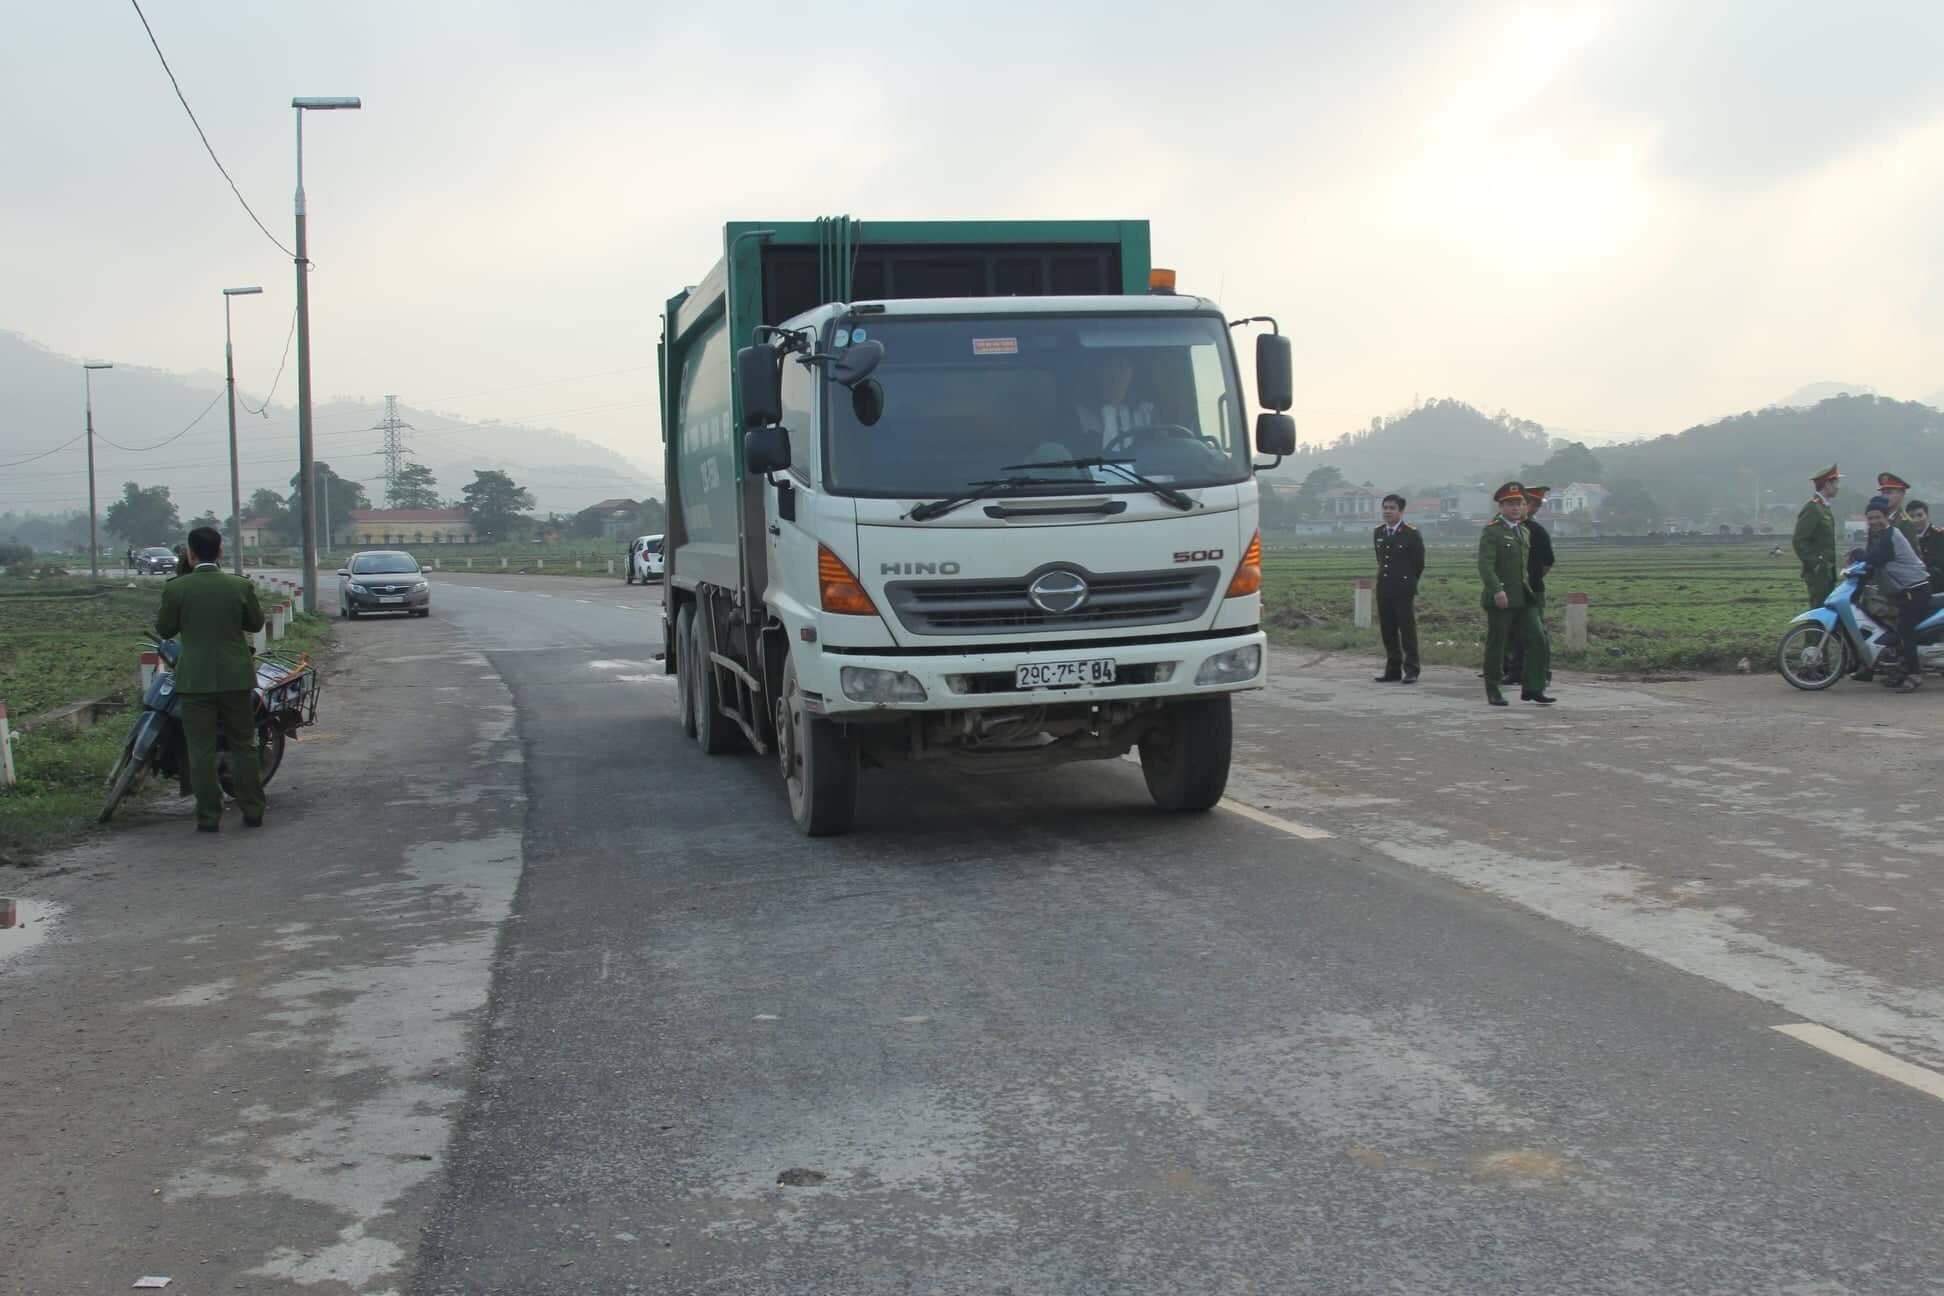 Cuộc sống cạnh bãi rác lớn nhất Hà Nội: Trong xóm có đám cưới chỉ đến uống chén rượu, không dám ăn-4